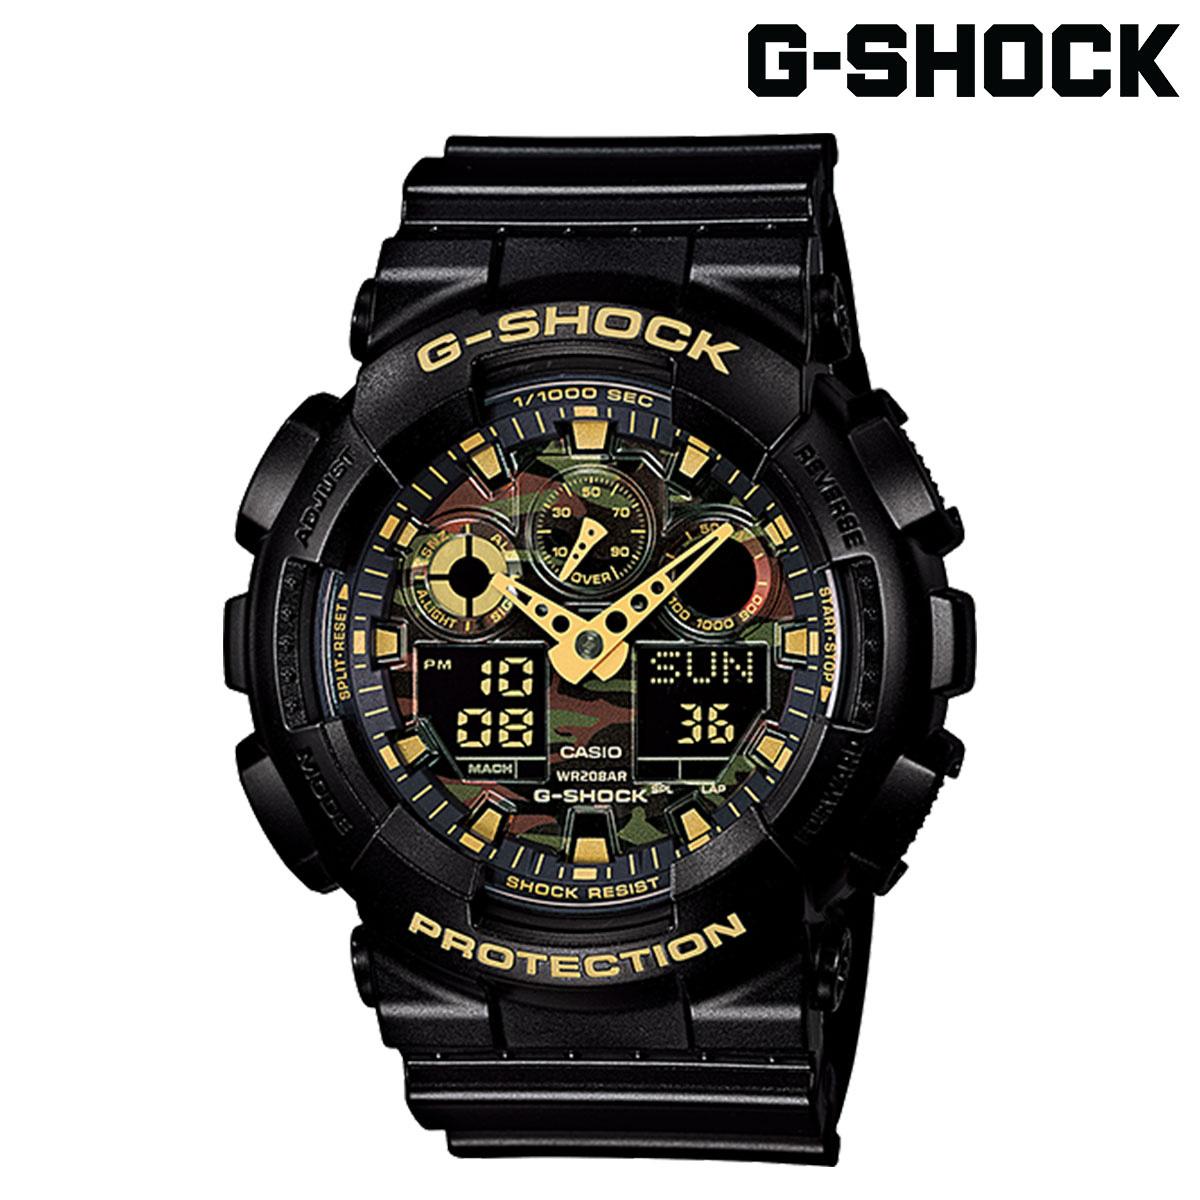 casio watches g shock new models best watchess 2017 sugar rakuten global market casio g shock